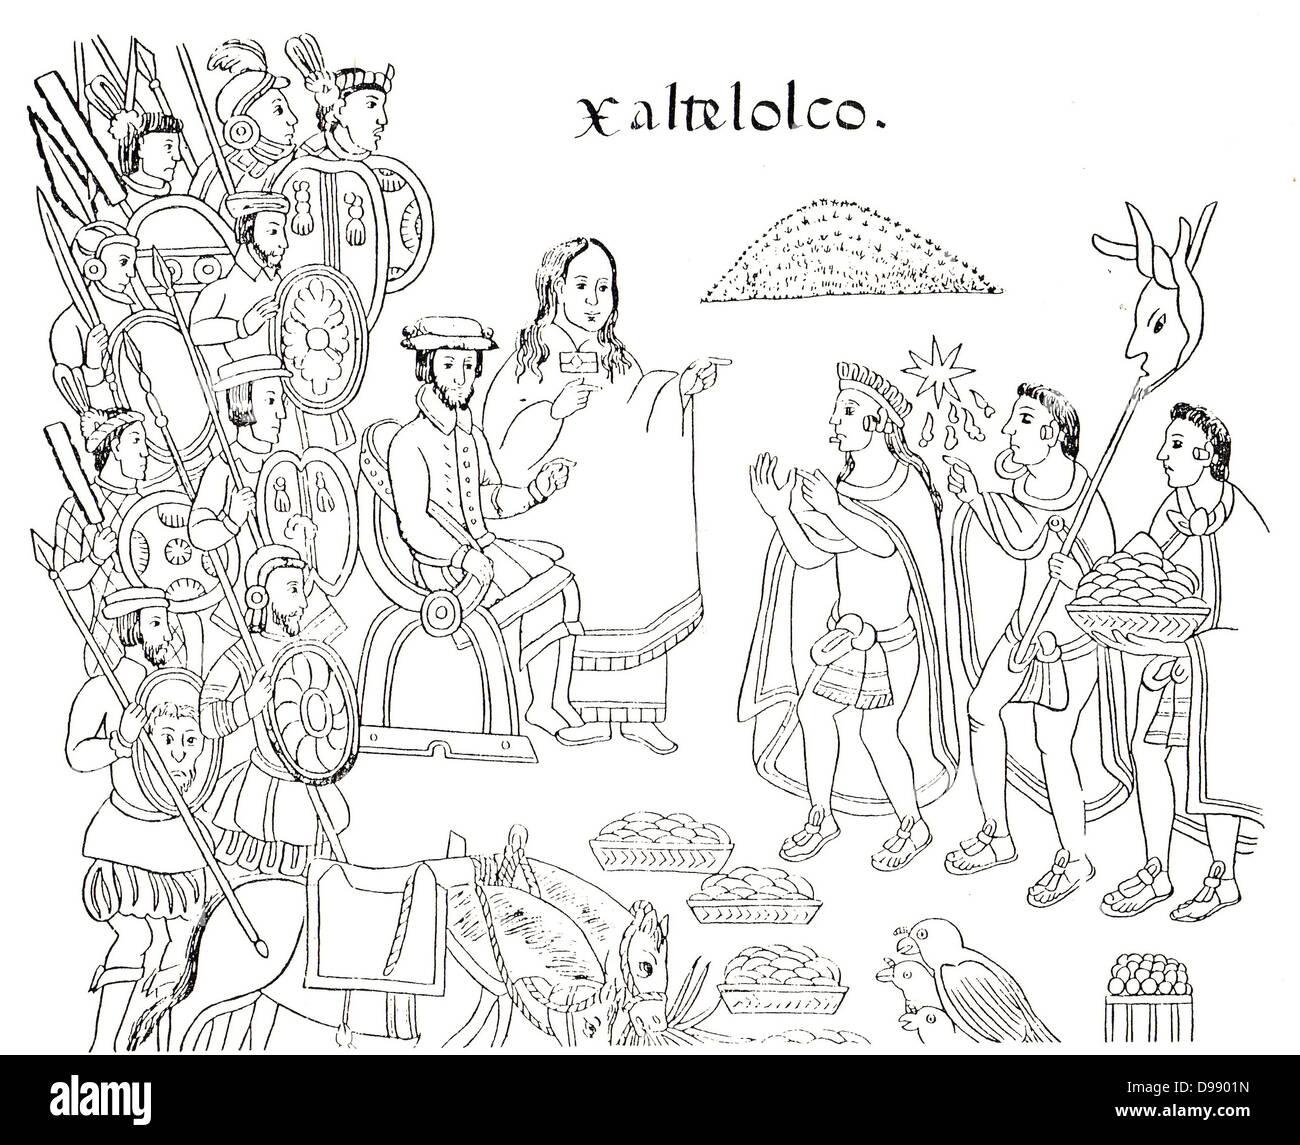 Da Diego Muñoz Camargo la Storia di Tlaxcala (Lienzo Tlaxcala), c. 1585, mostrando la Malinche e Hernán Immagini Stock